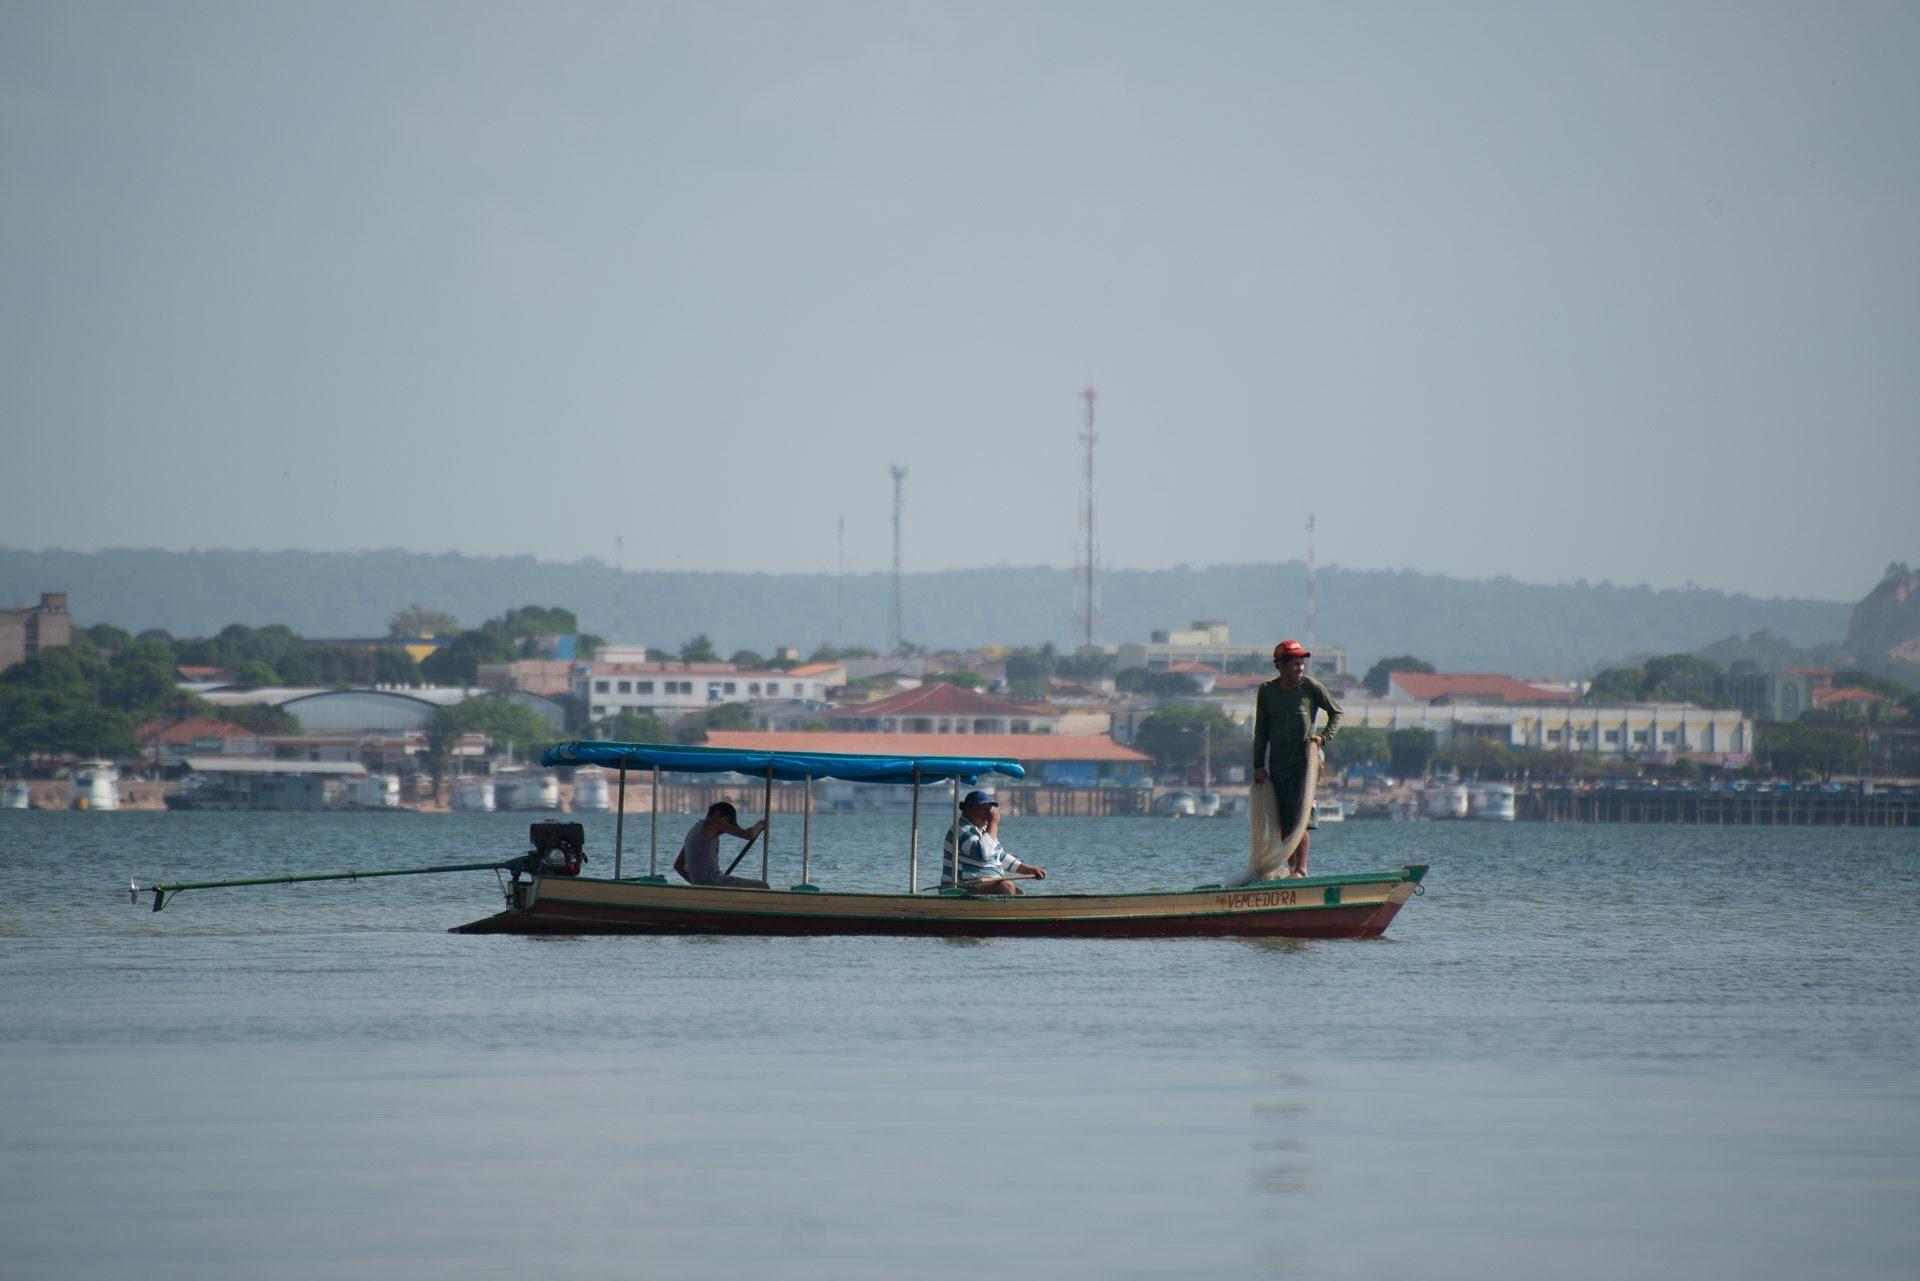 Encontro das águas - Santarém